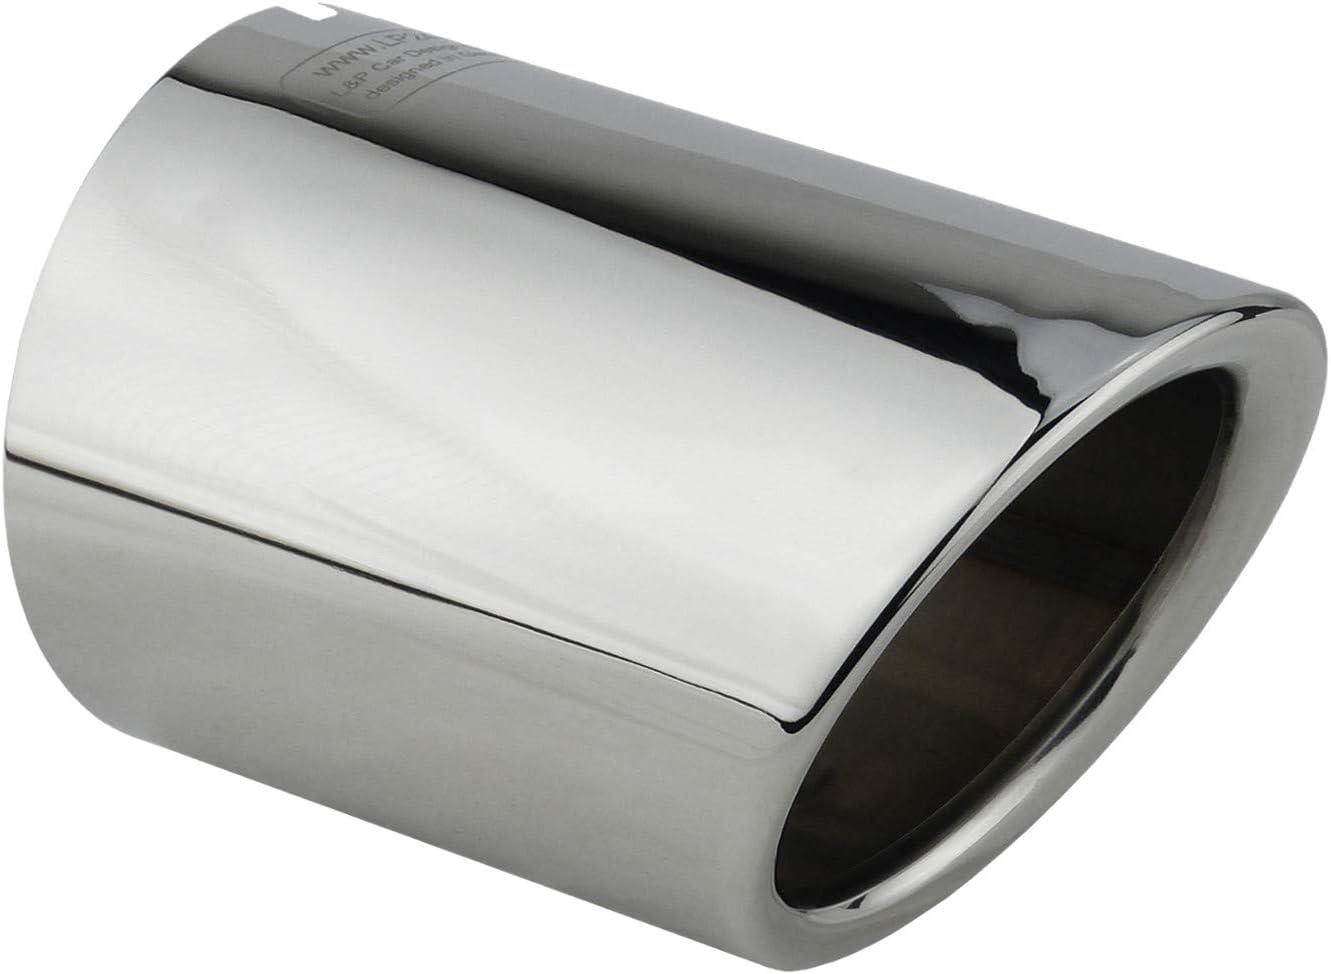 1 Apertura de escape acero inoxidable espejo pulido cromo Plug Play opturador tubo de escape tubo de escape número de comparación L&P A284-1